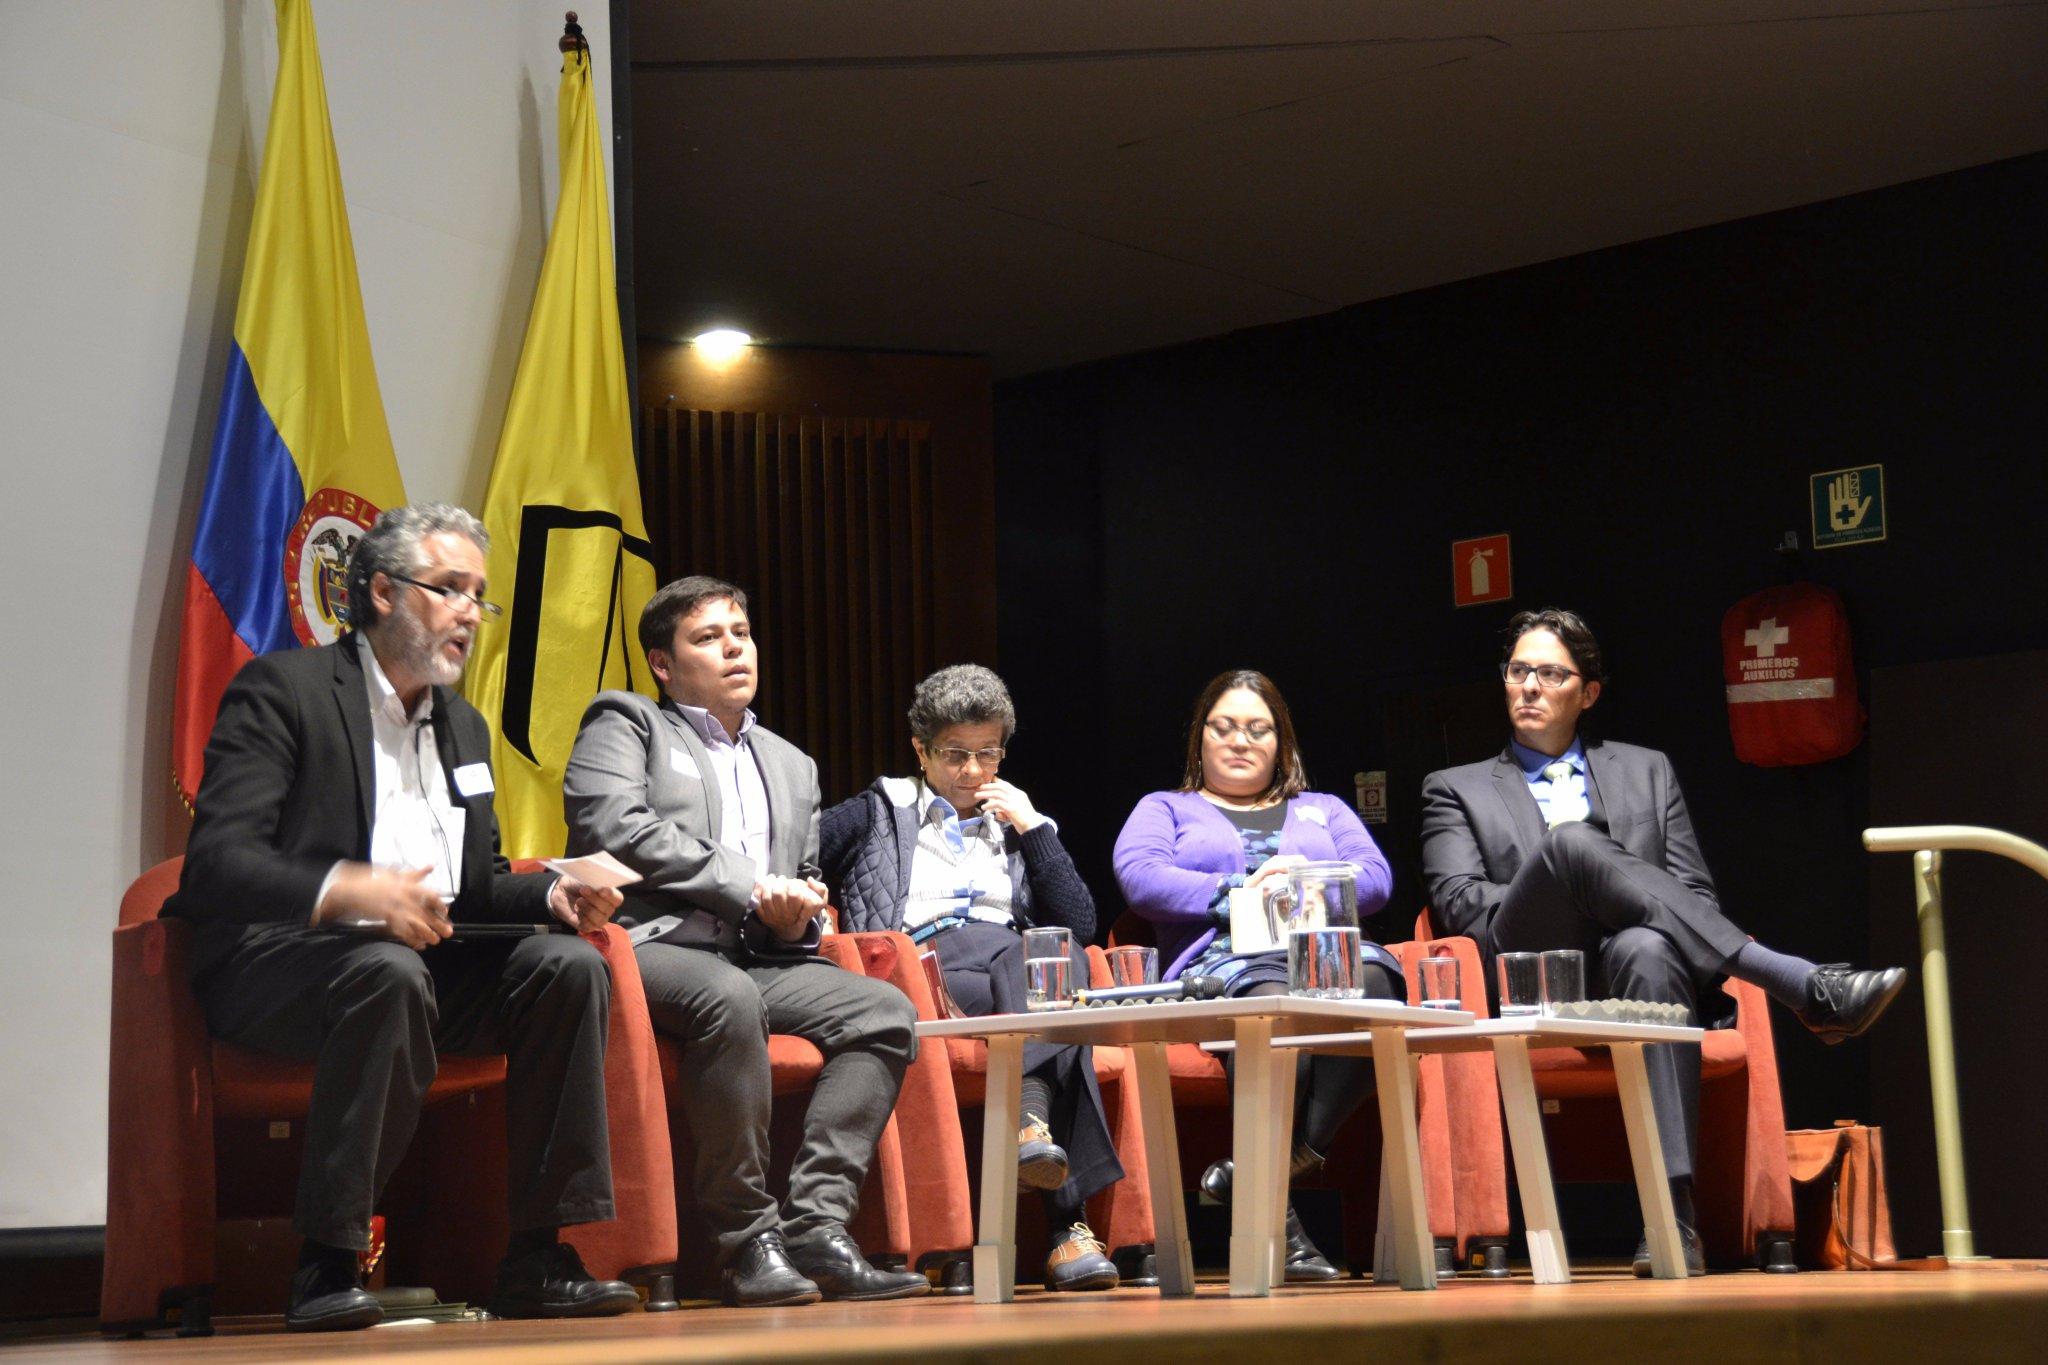 Inicia sesión de preguntas Panel Economía conductual orientada al #CrecimientoVerde #EnVivo: https://t.co/kMvlsVZiTq https://t.co/7m9fCO0bHp